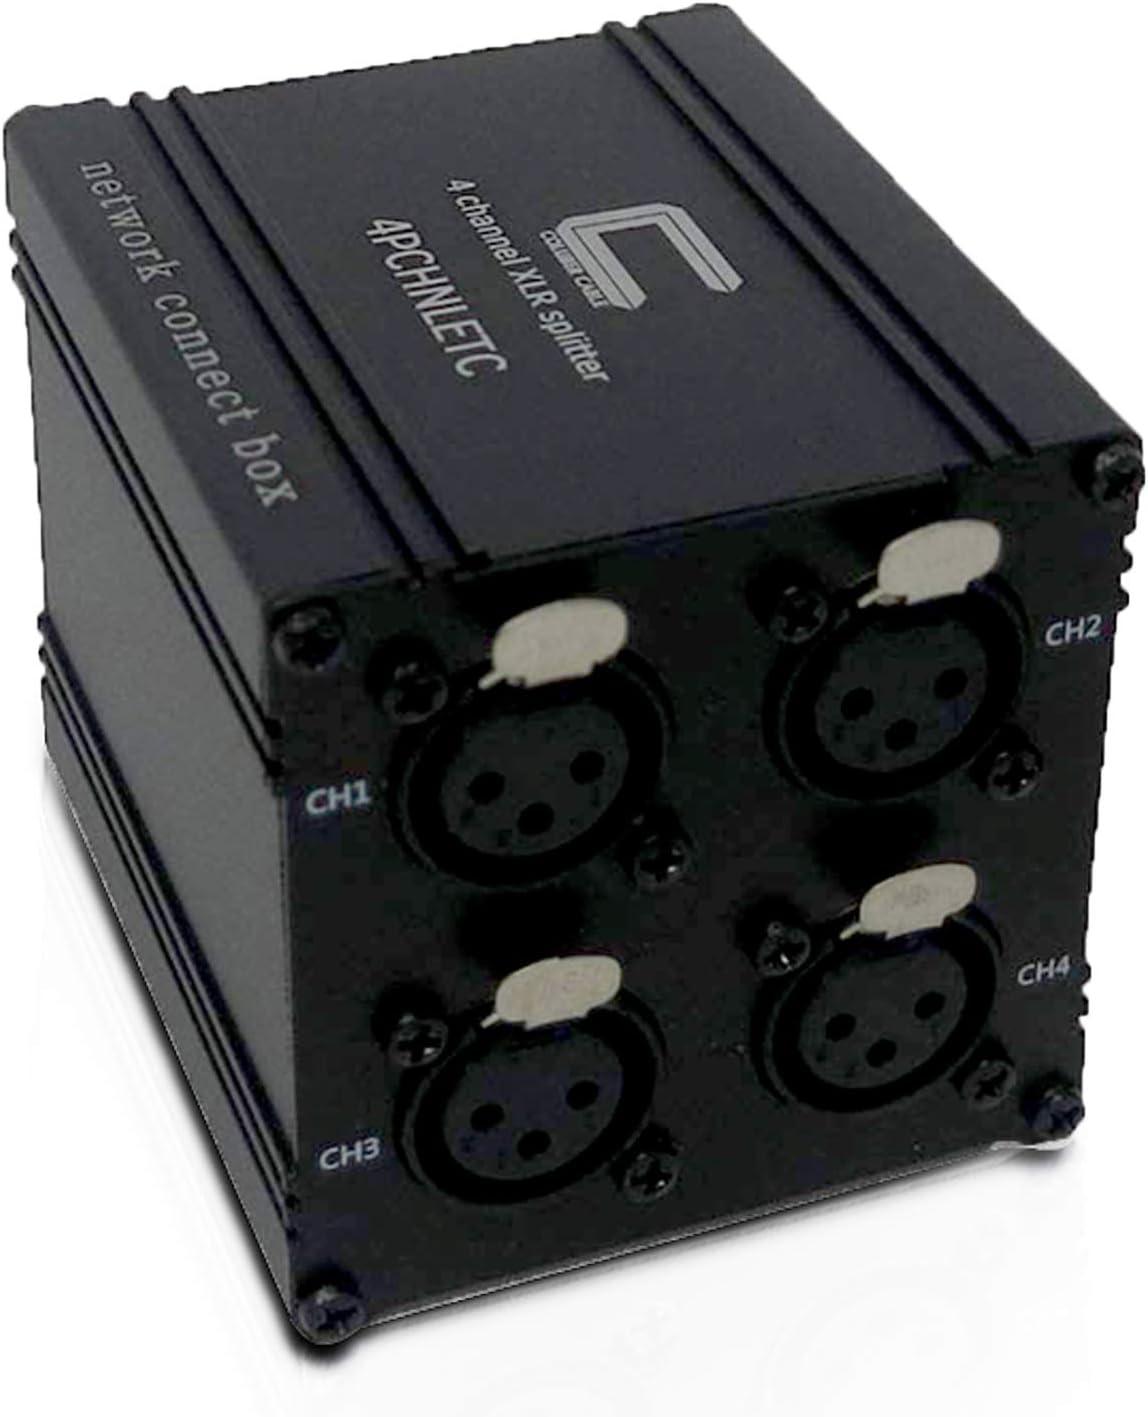 Pasivo 4 Canales XLR Hembra a Ethercon Stage Box Snake Runs XLR/AES/DMX Señales de Audio sobre un Solo Cable Ethernet Cat | Portátil, Compacto Comodidad para Live Stage y Estudio de grabación: